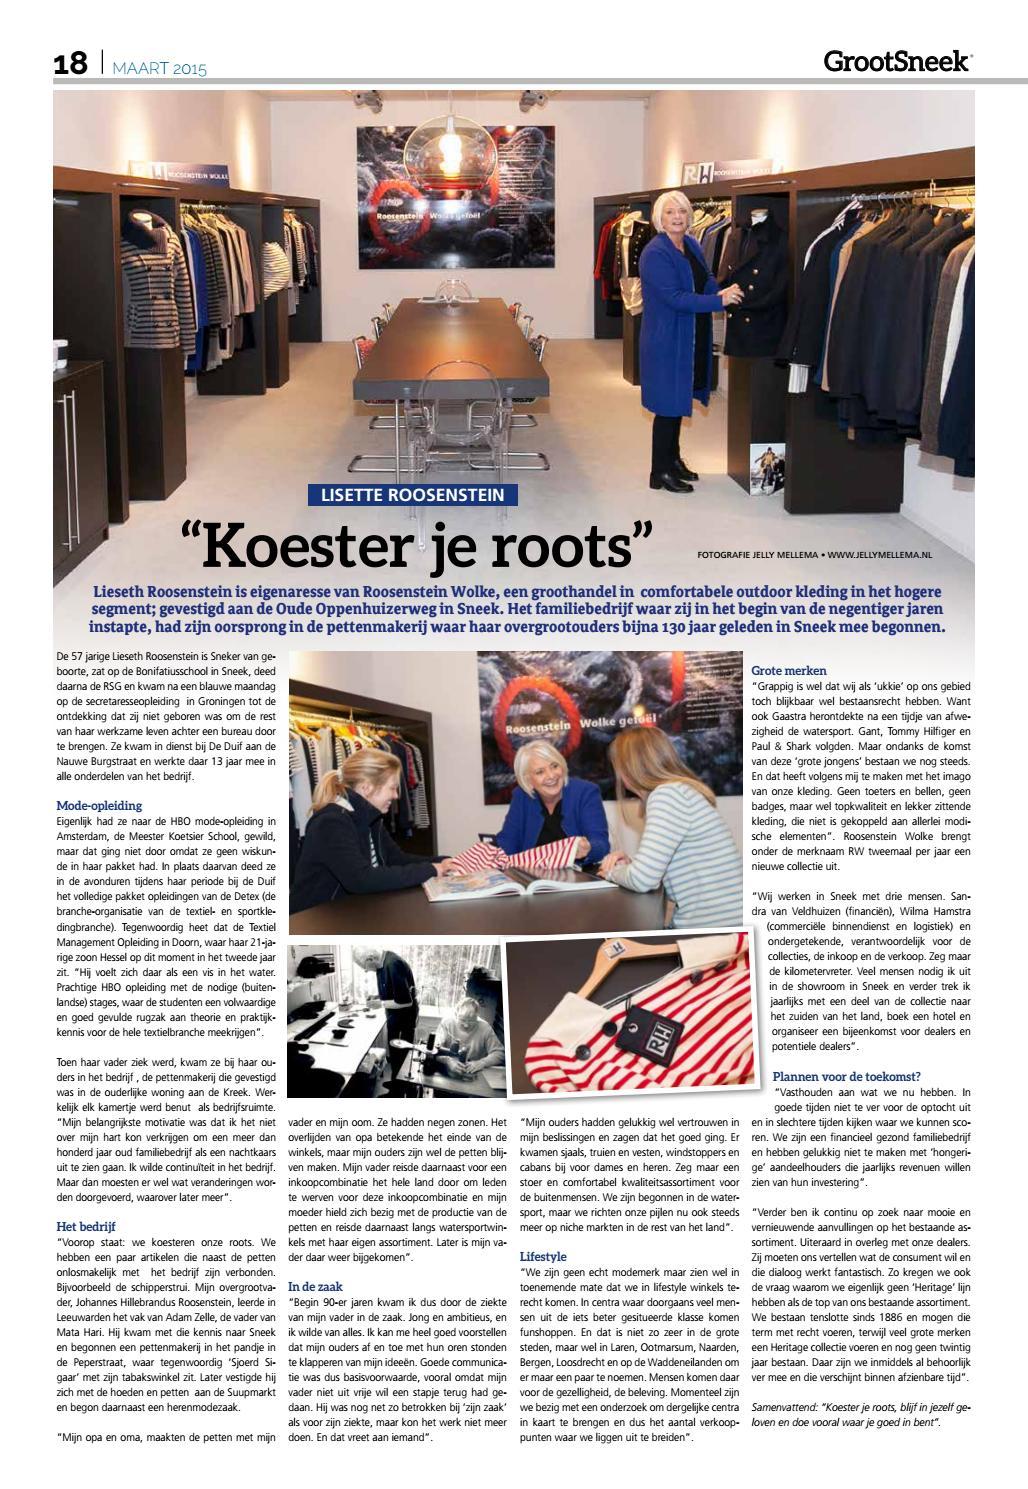 De Duif Sneek.Grootsneek 03 Maart2015 By Wim Walda Issuu